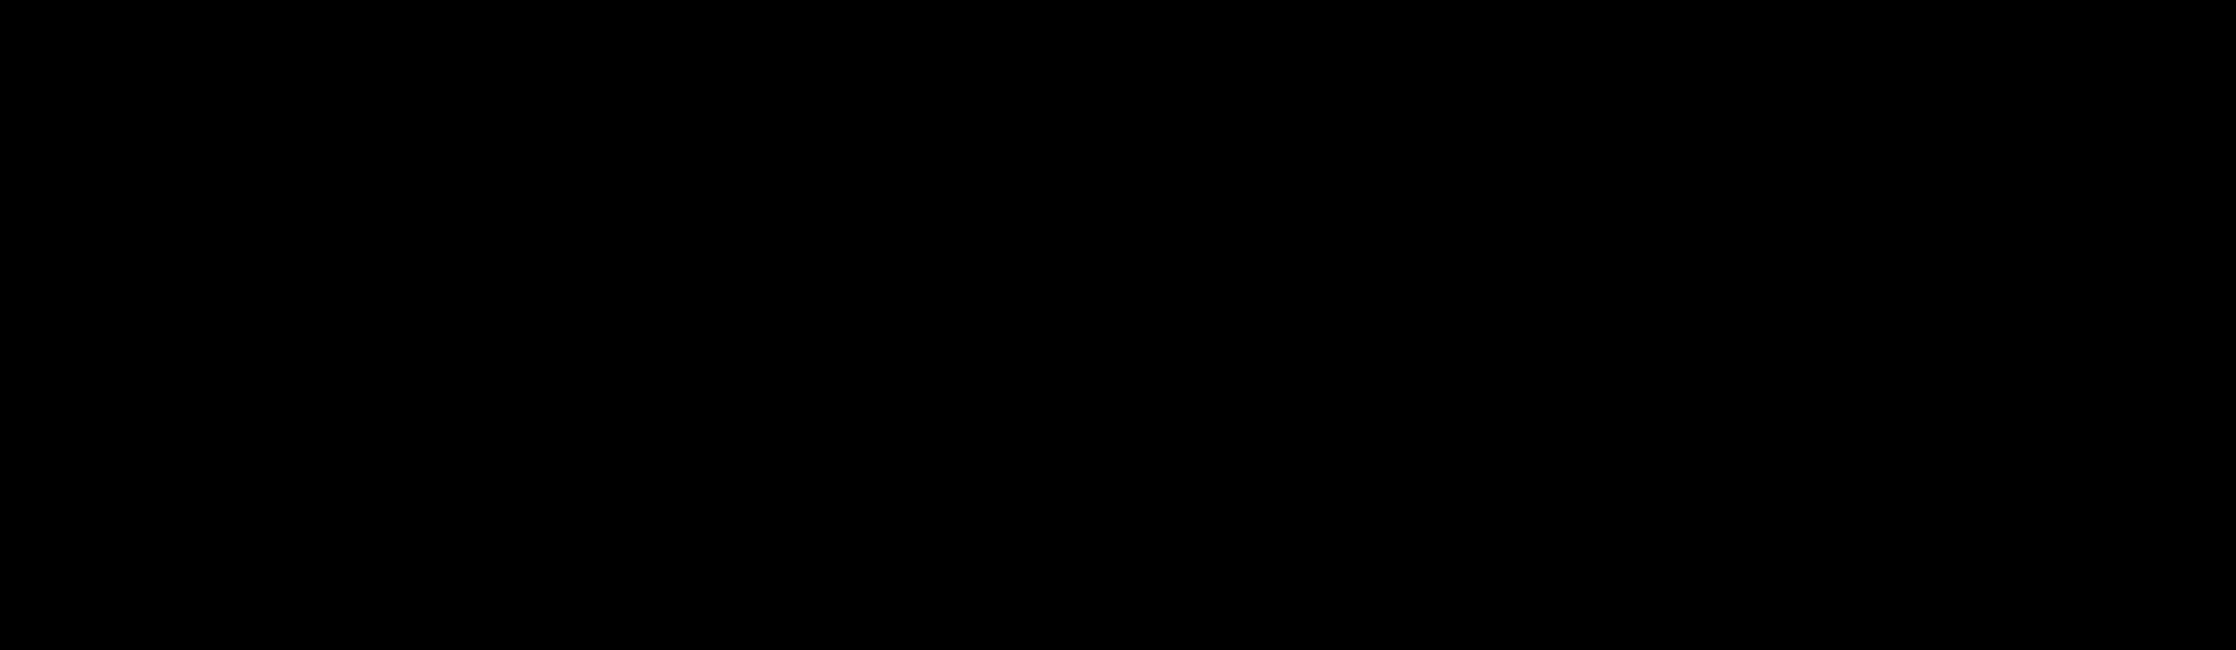 (E)-N-(4-Methoxy-d3 3,5-dimethoxyphenyl)-3-(3-(3,4-dimethoxyphenyl)-1H-pyrazol-5-yl)acrylamide